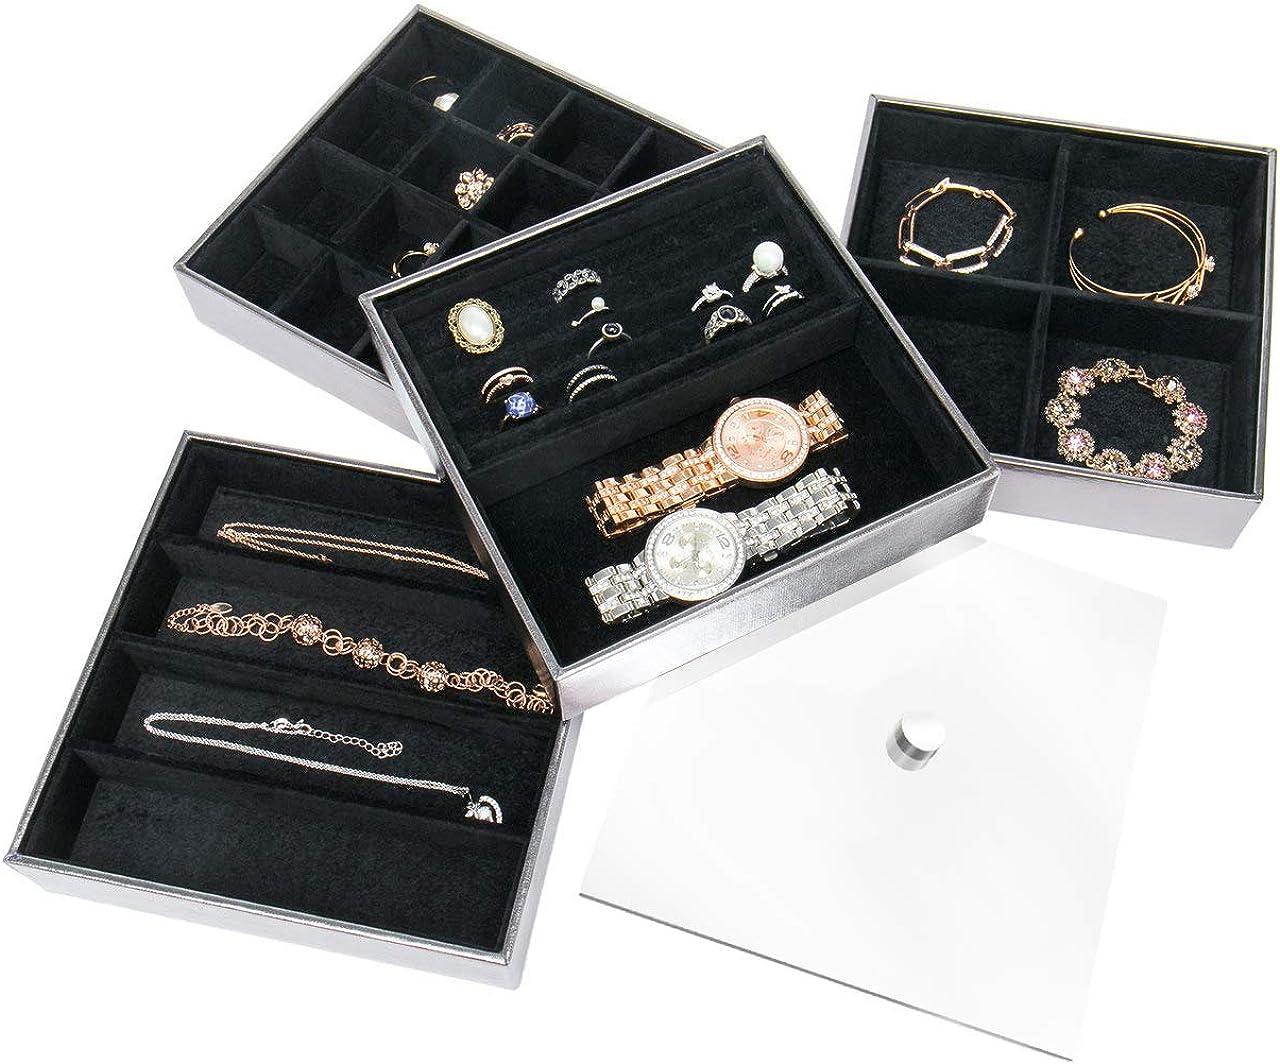 JackCubeDesign Set de 4 plateau /à bijoux en cuir empilable avec miroir couvercle de boucle doreille Collier Bracelet organisateur daffichage bo/îte de rangement argent, 18 x 18 x 17 cm - MK409B